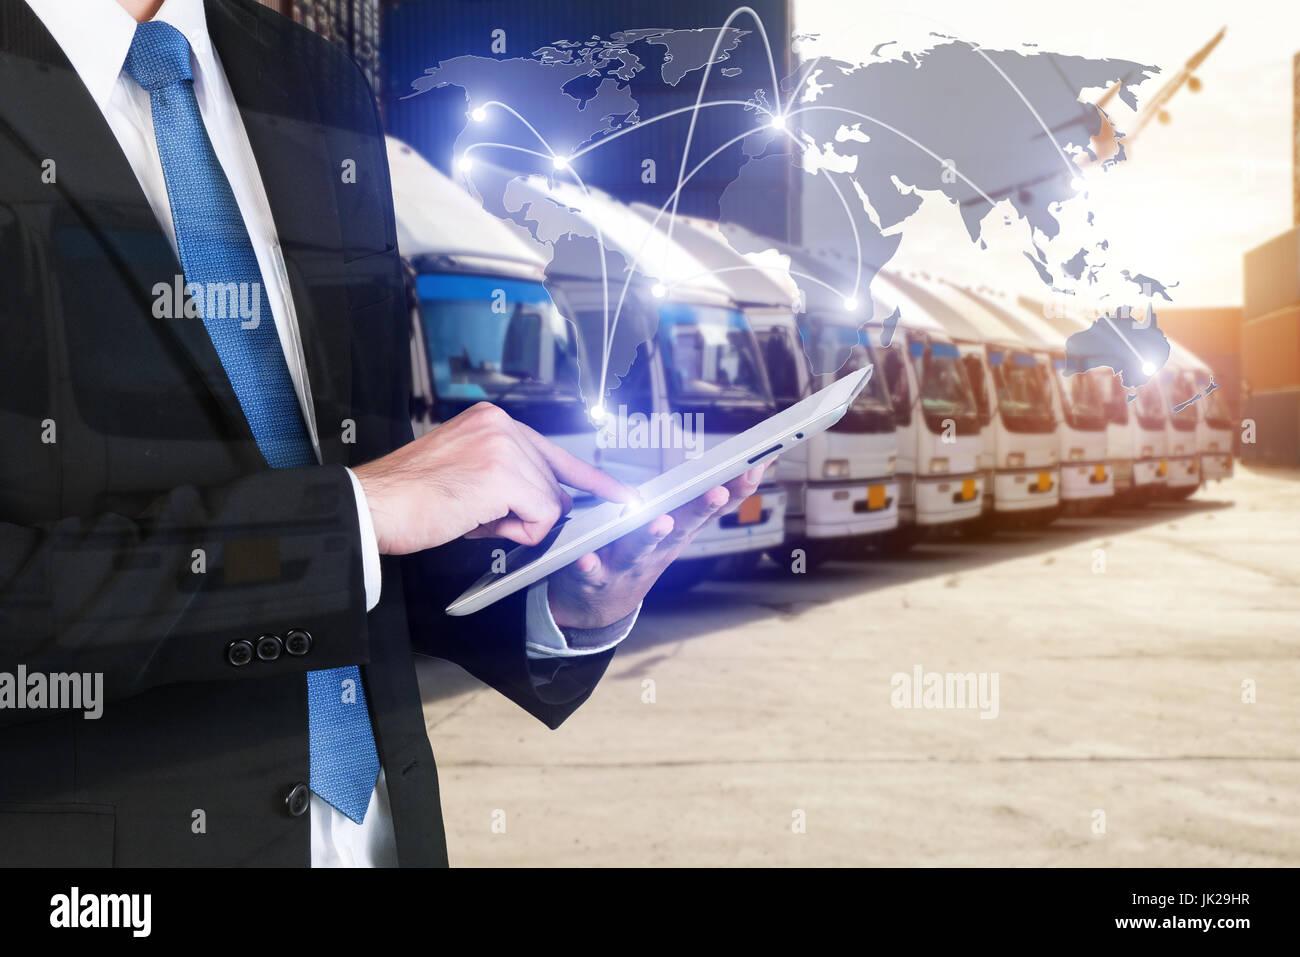 Globales Geschäft Technologie Schnittstelle globaler Partner Verbindung von Containerladung Frachtschiff für Logistik Stockfoto